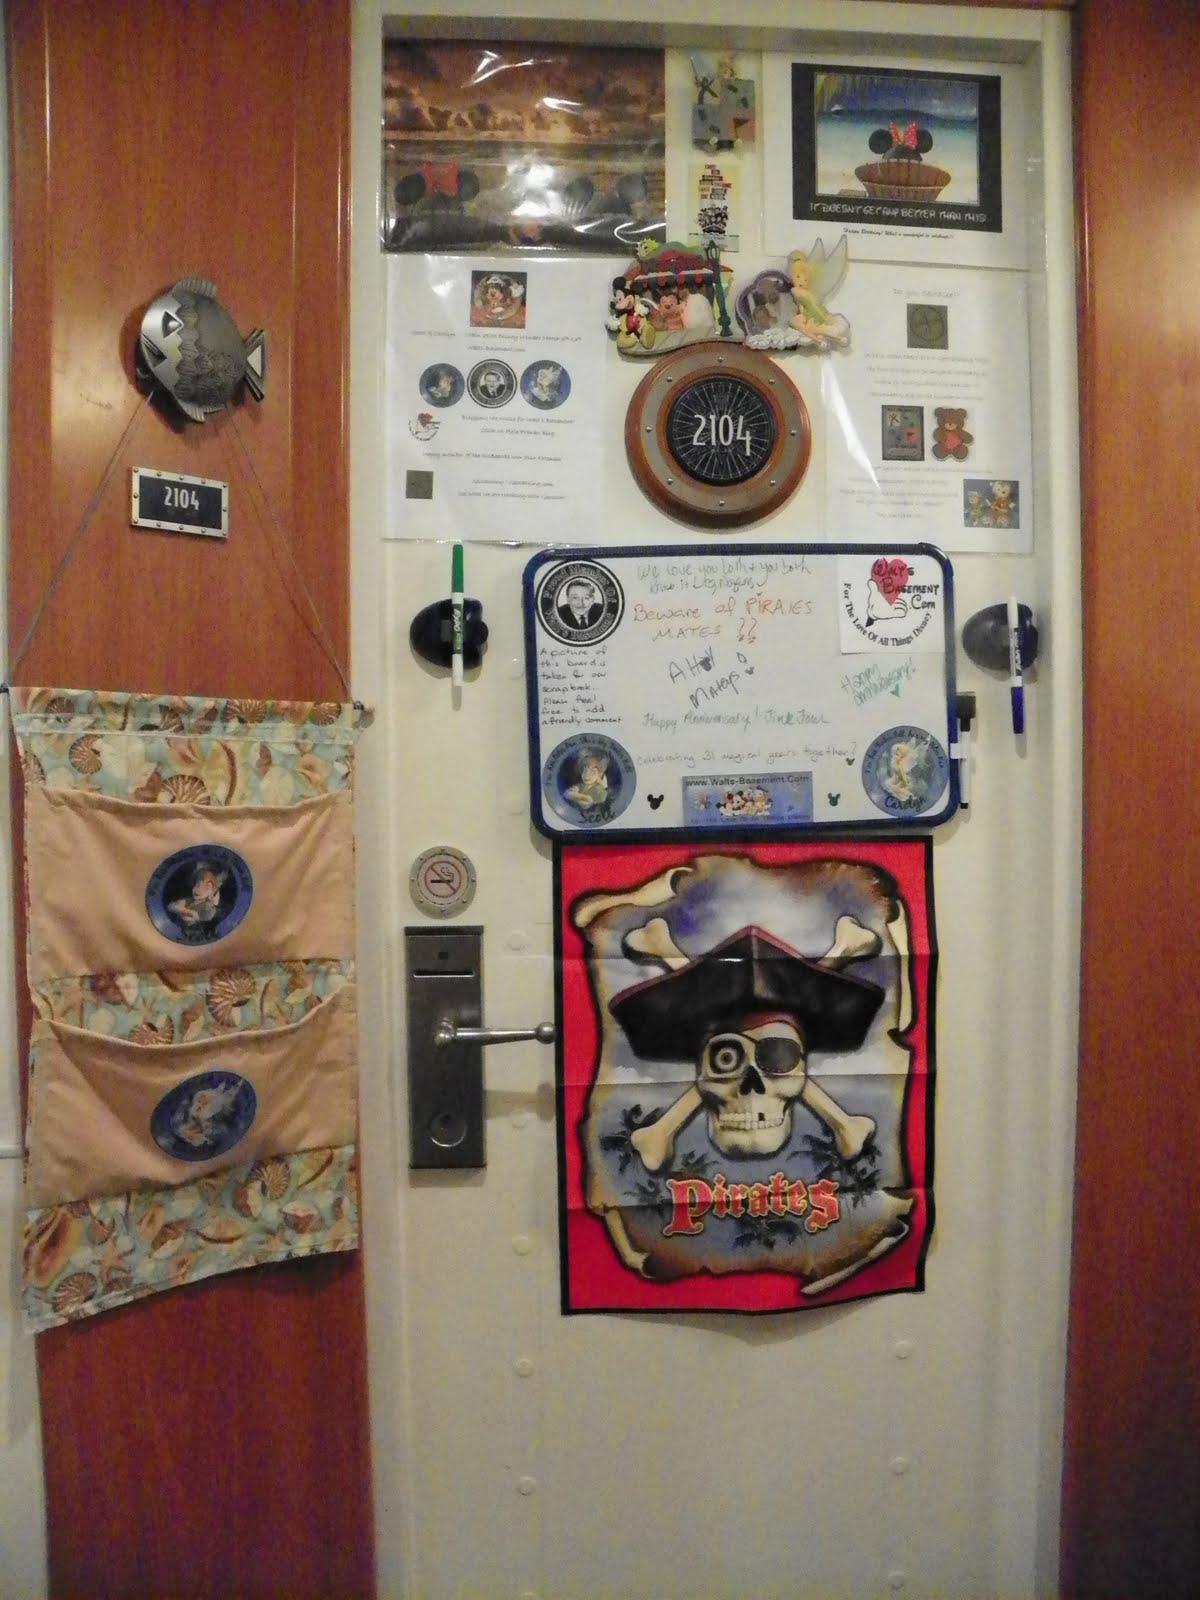 Pixie Pranks And Disney Fun Cruise Line Door Decor